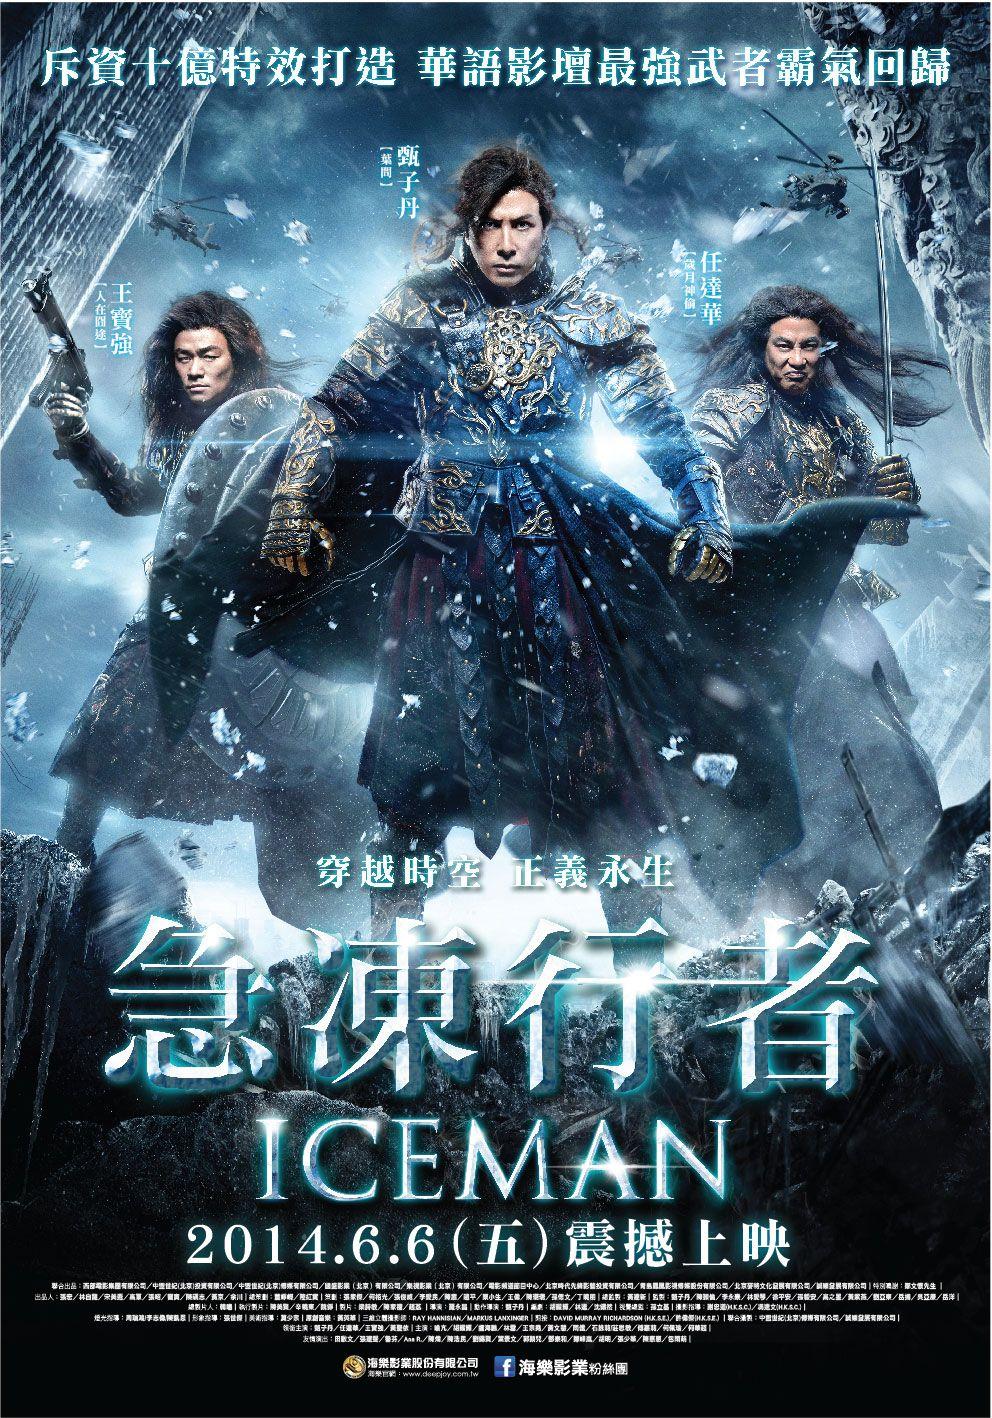 Iceman (2014) en vostfr